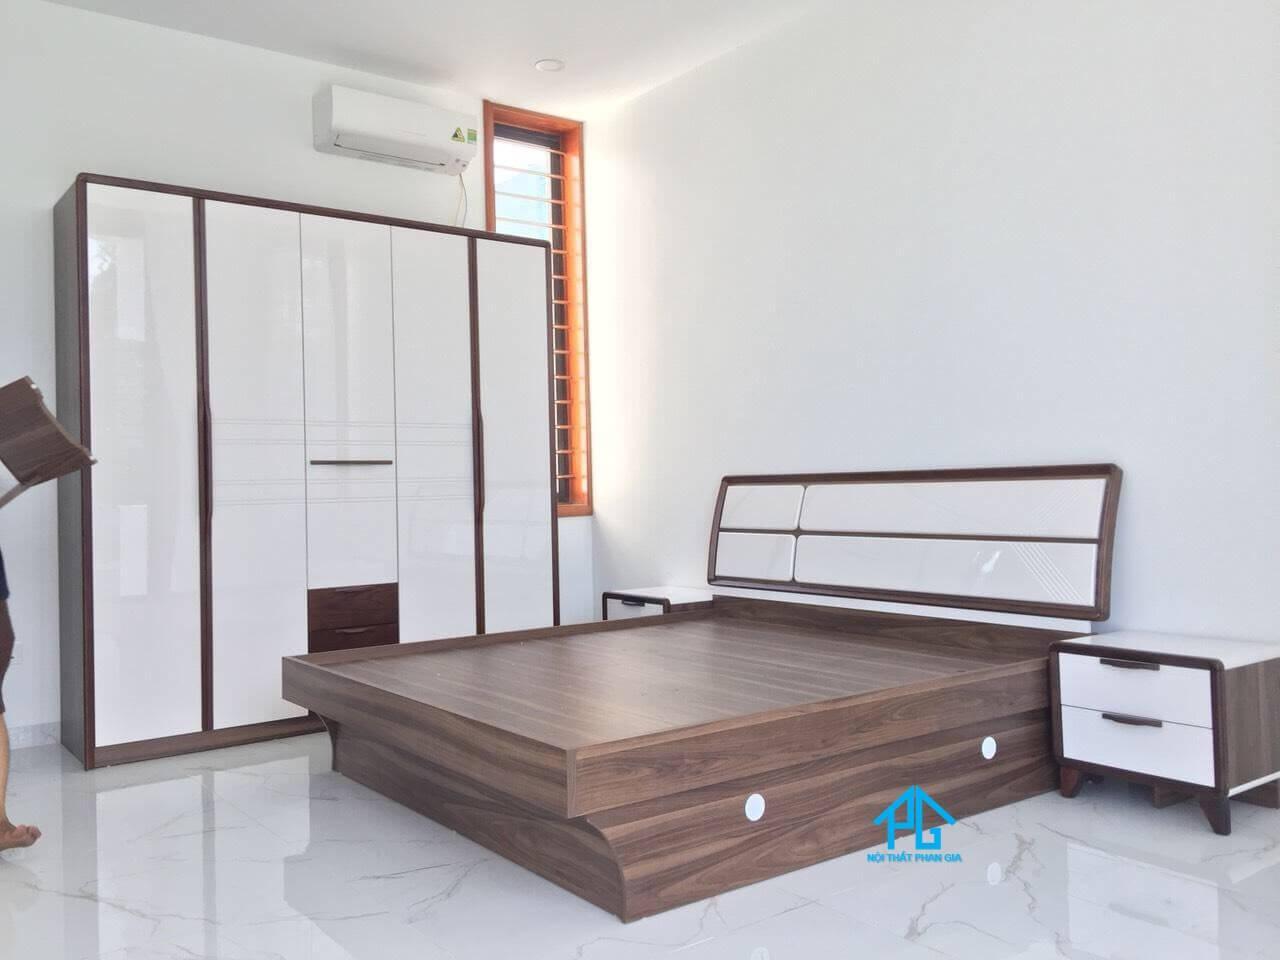 mua giường gỗ mdf thông minh hcm